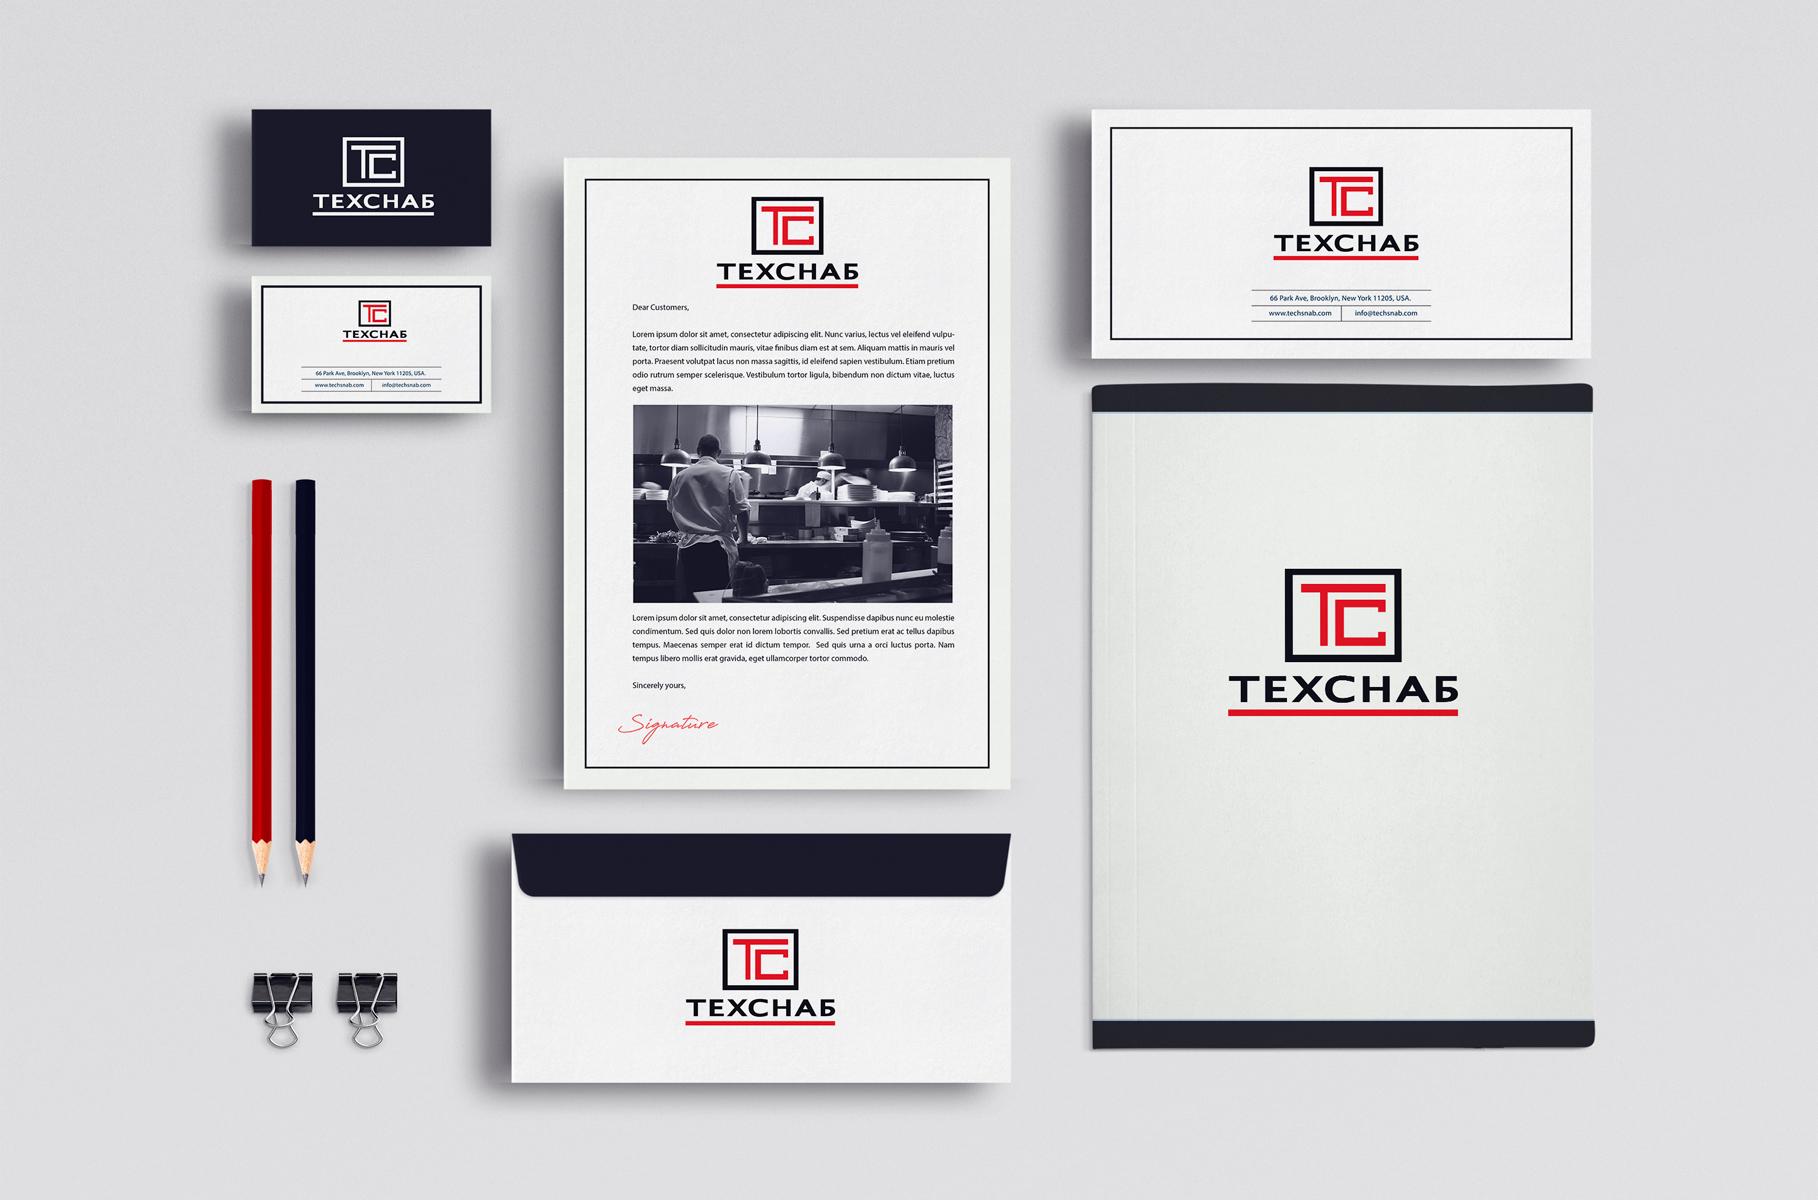 Разработка логотипа и фирм. стиля компании  ТЕХСНАБ фото f_4905b1cf45e4666e.jpg